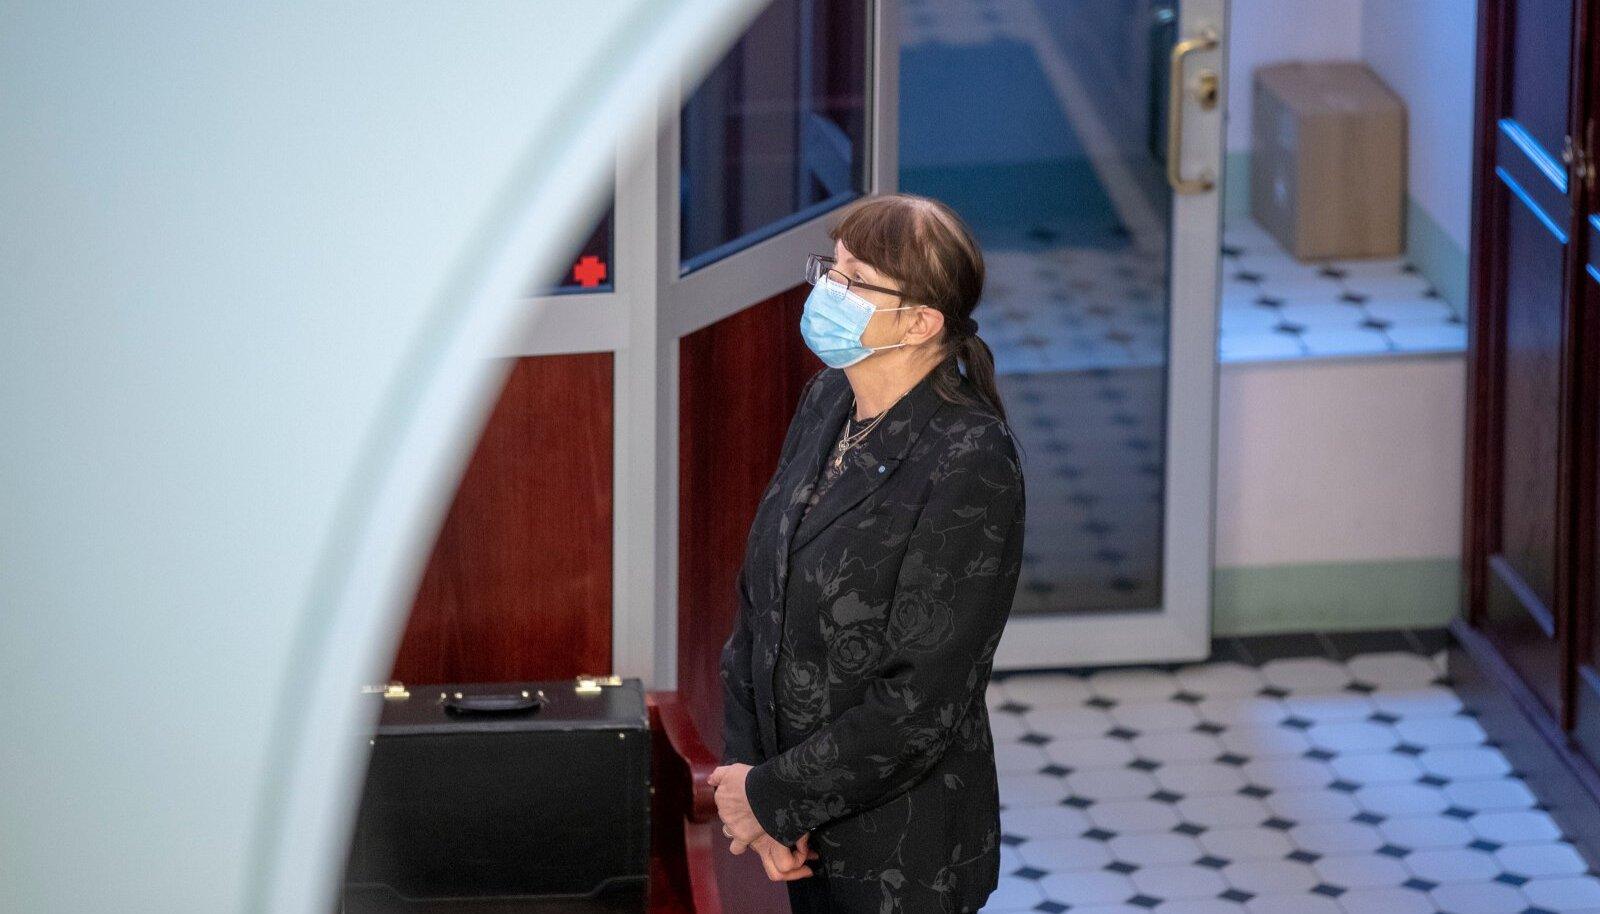 Tallinna ringkonnakohus lühendas Malle Kobina reaalset vangistust, kahandades selle 4,5 aastalt 6 kuule. Ühe põhjusena tõi kohus välja Kobina tervisliku seisundi.